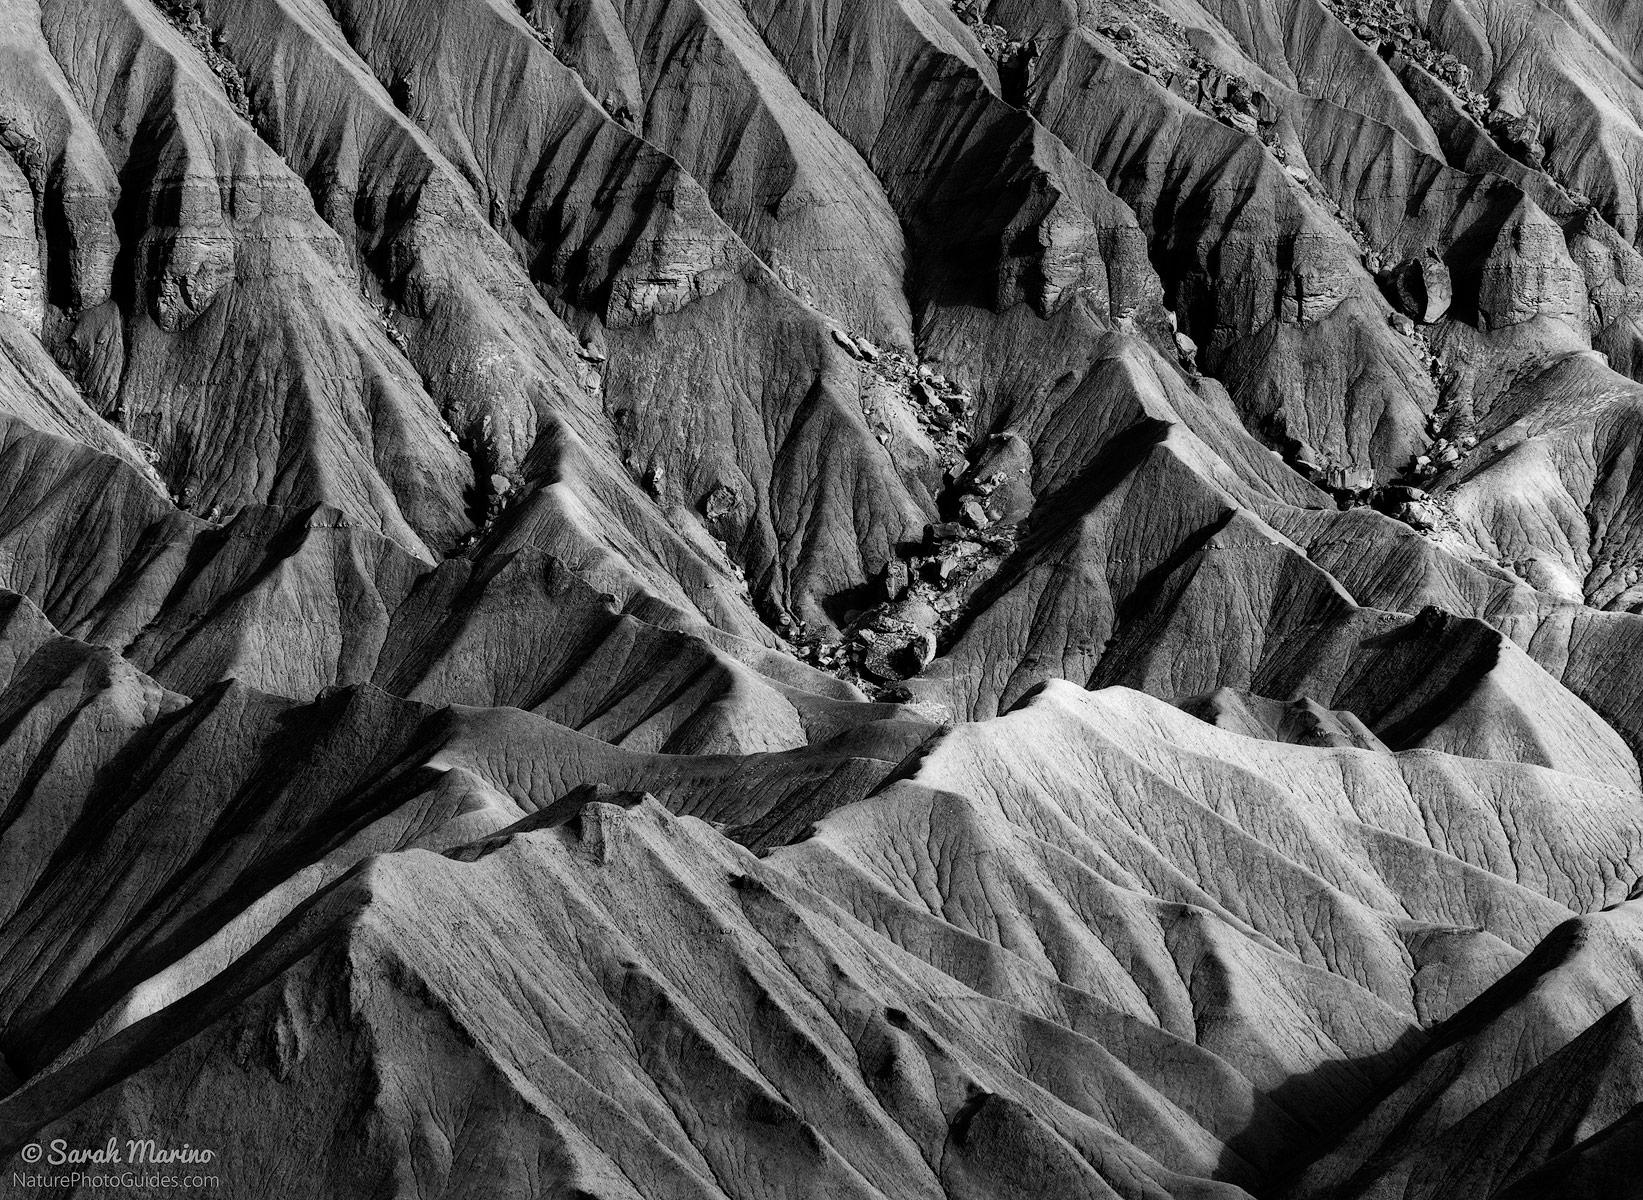 Sarah-Marino-Utah-Badlands-Black-White-1200px.jpg